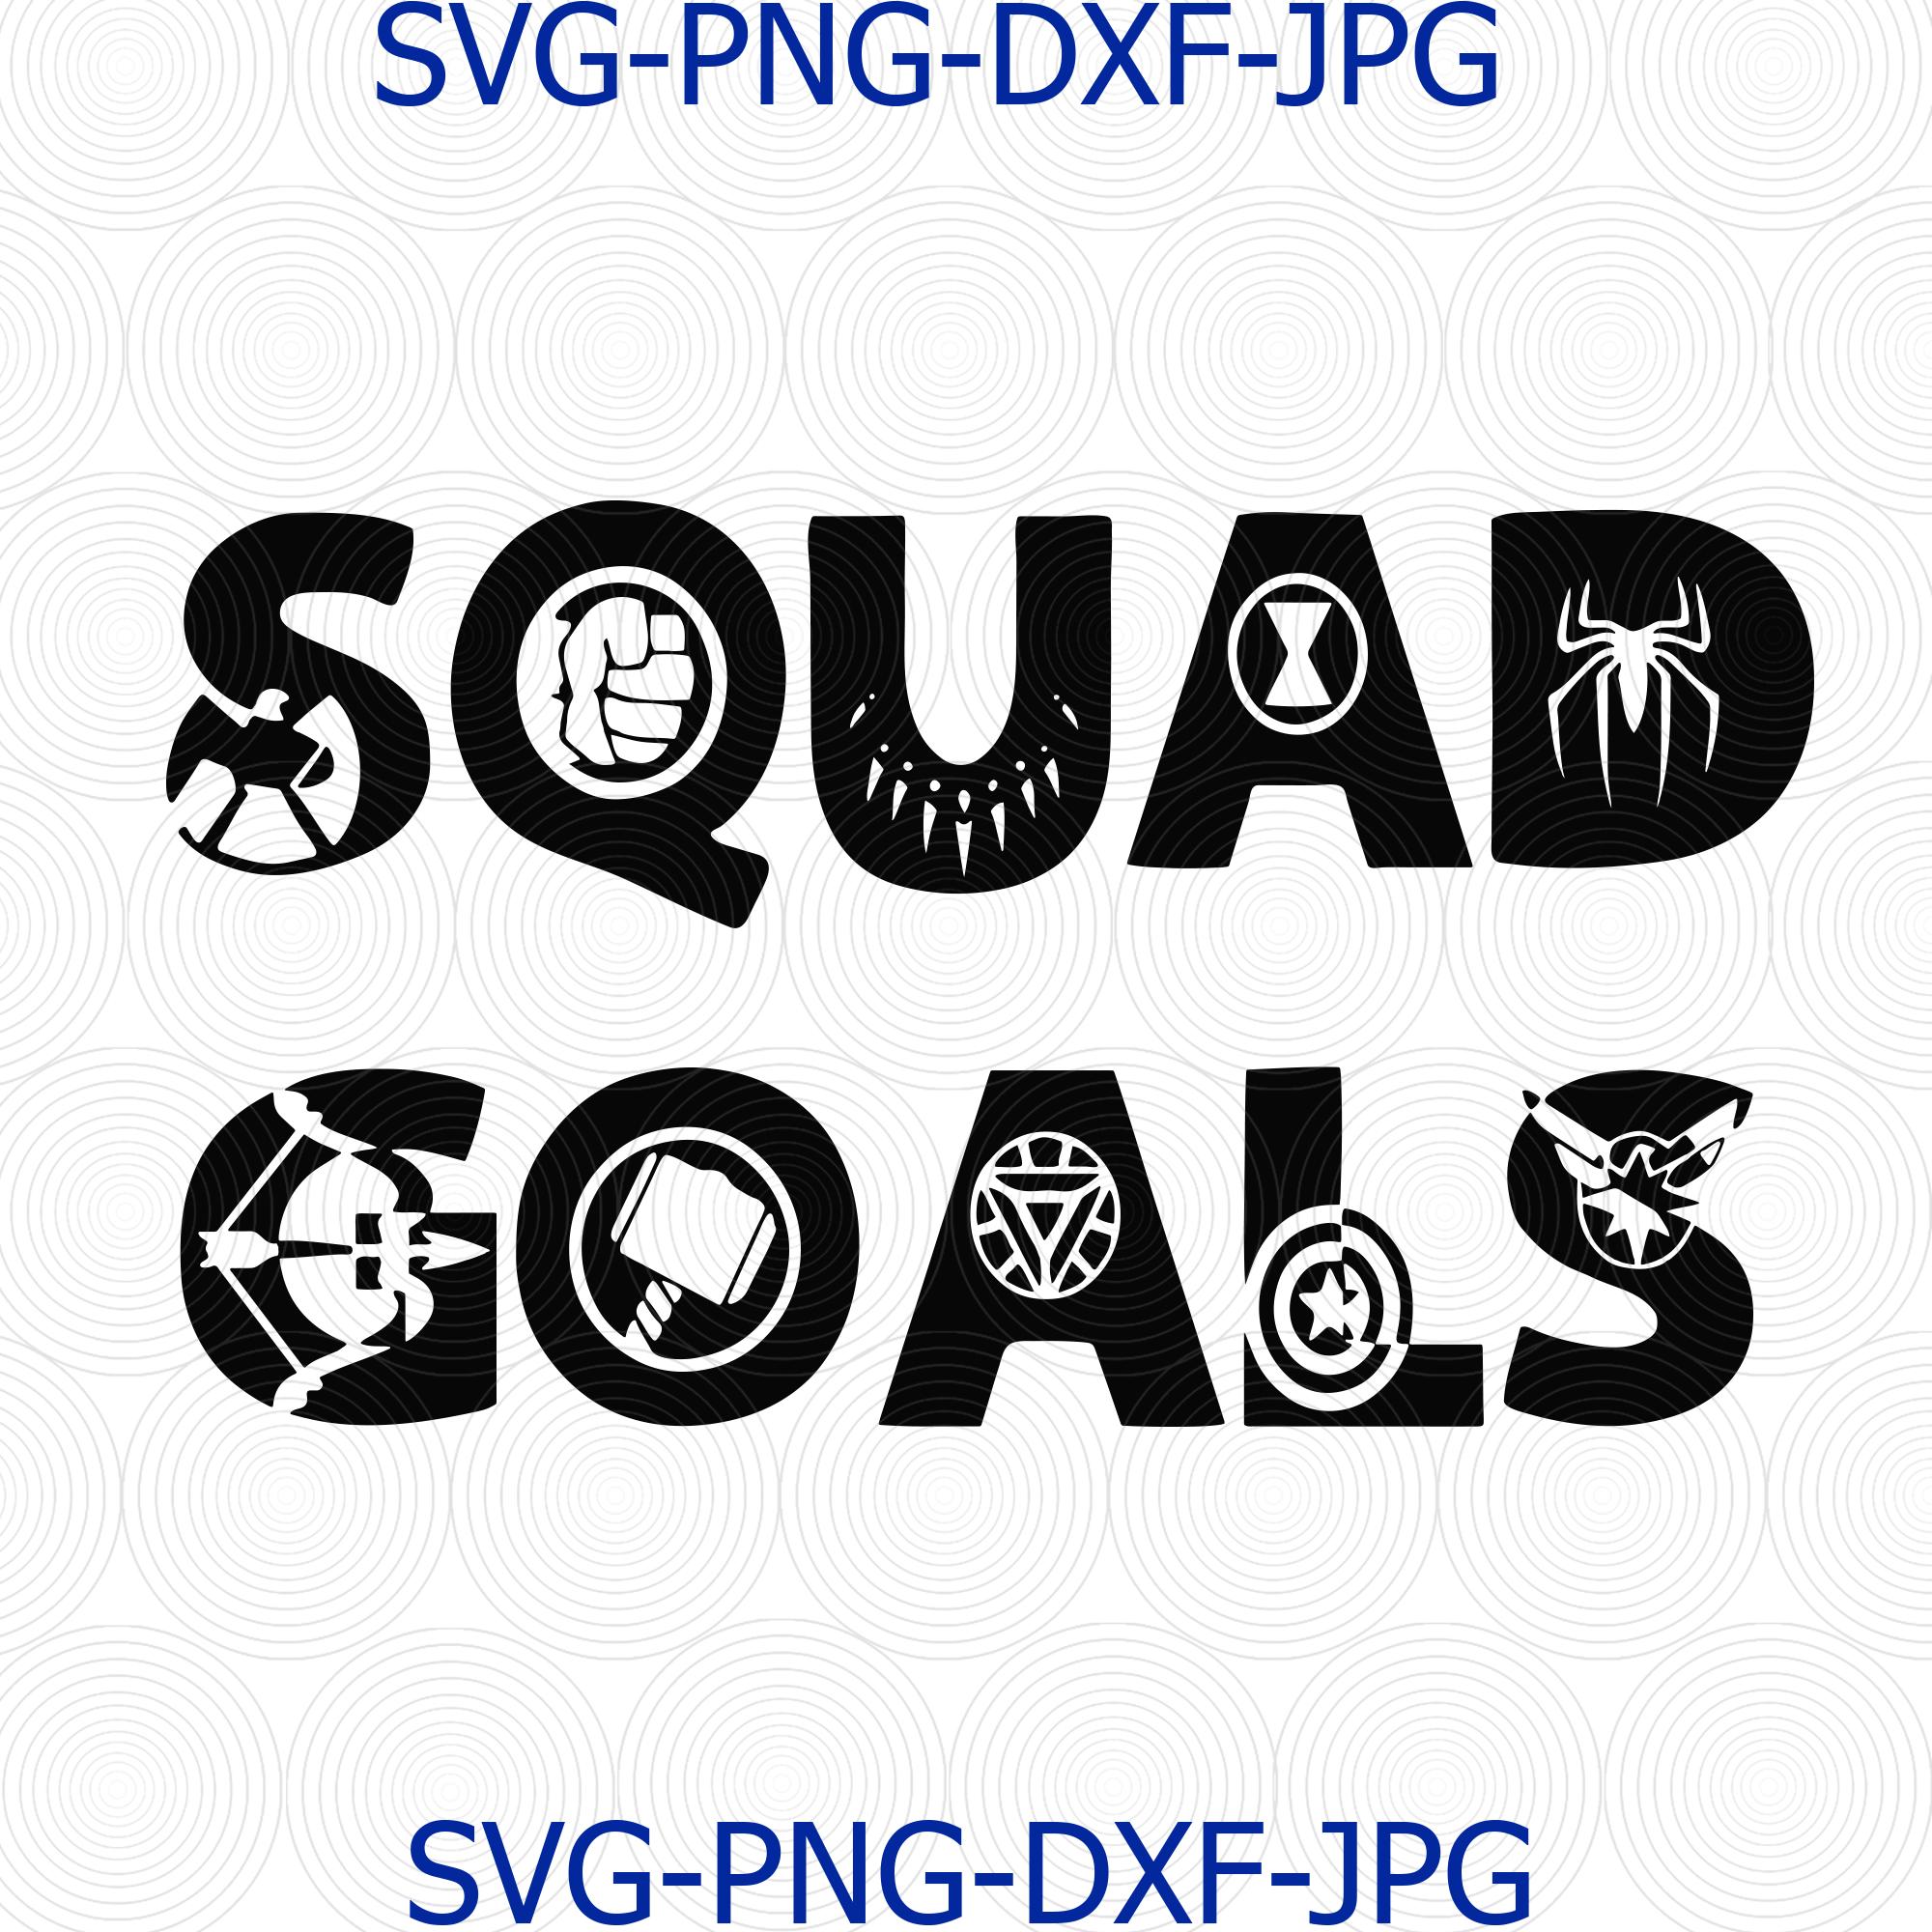 Squad Goal Svg Avengers Svg Thor Captain By Digital4u On Zibbet